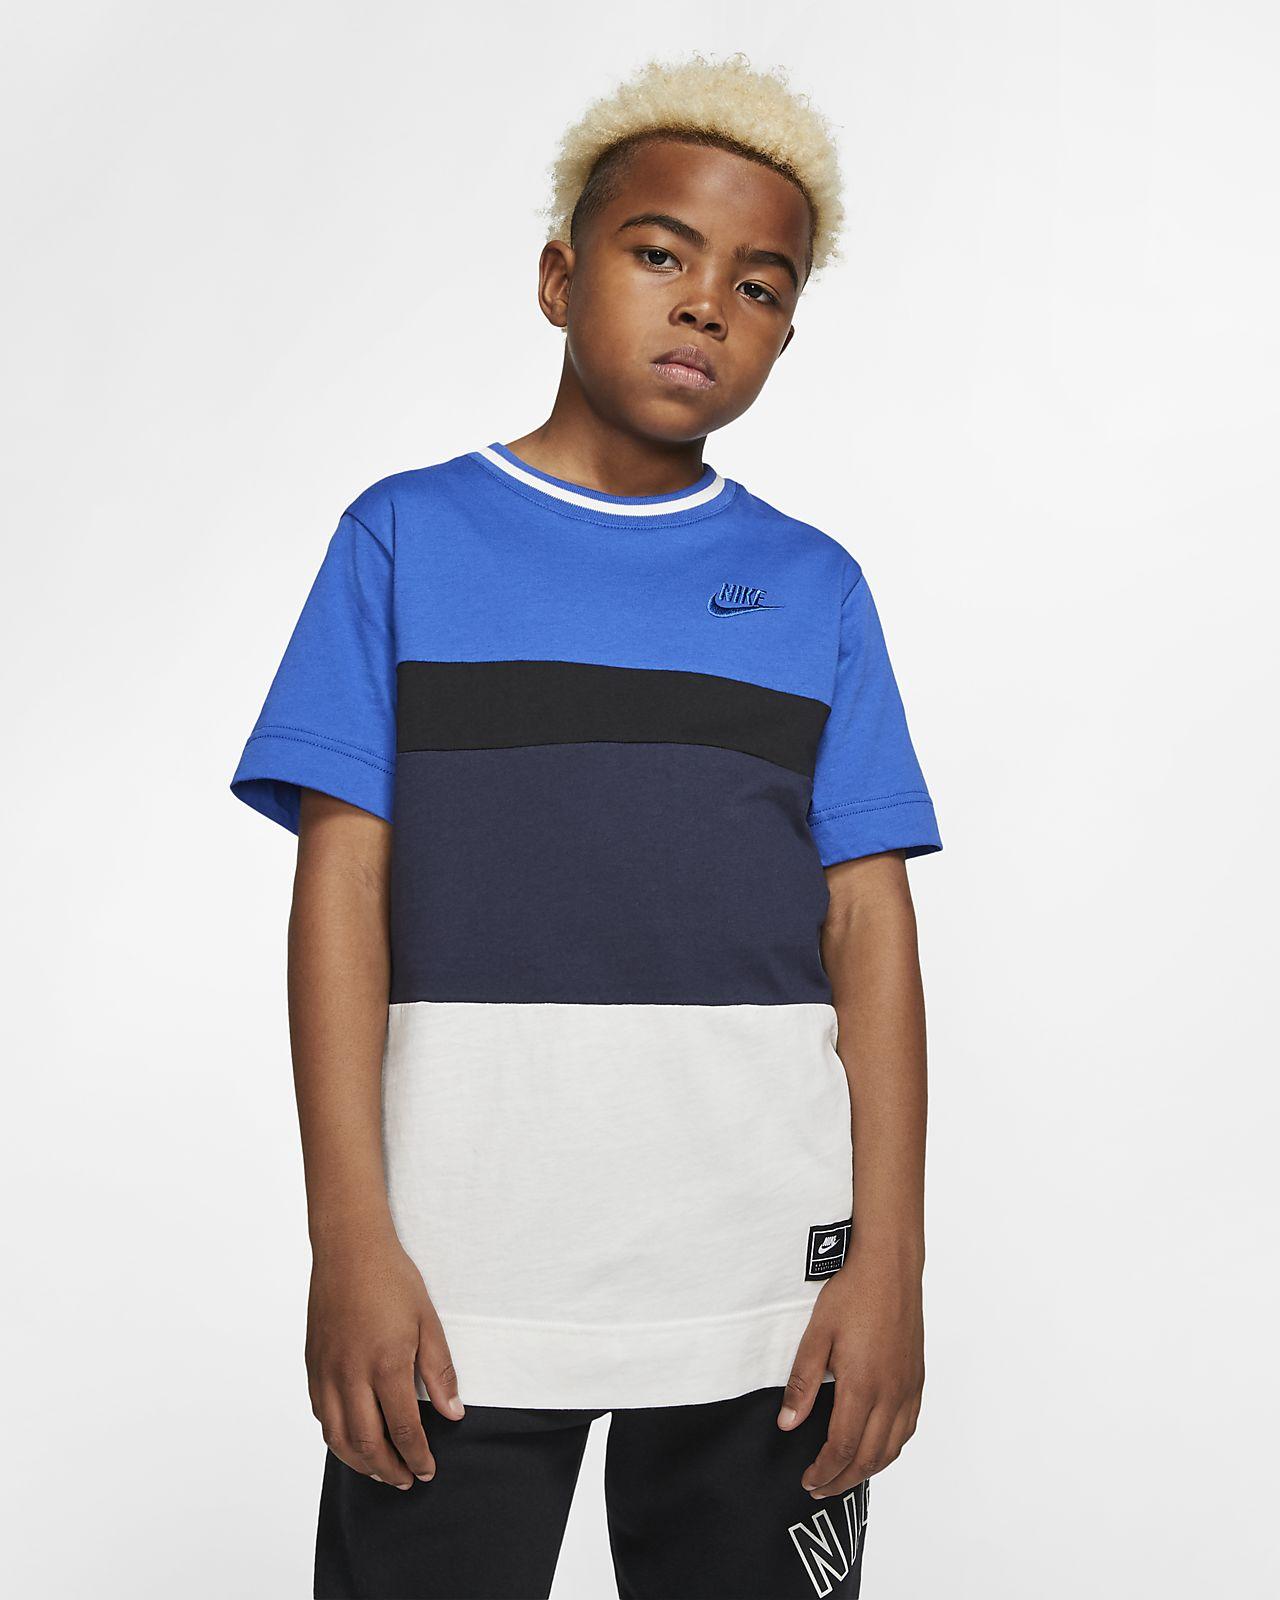 Nike Air 大童(男孩)短袖上衣